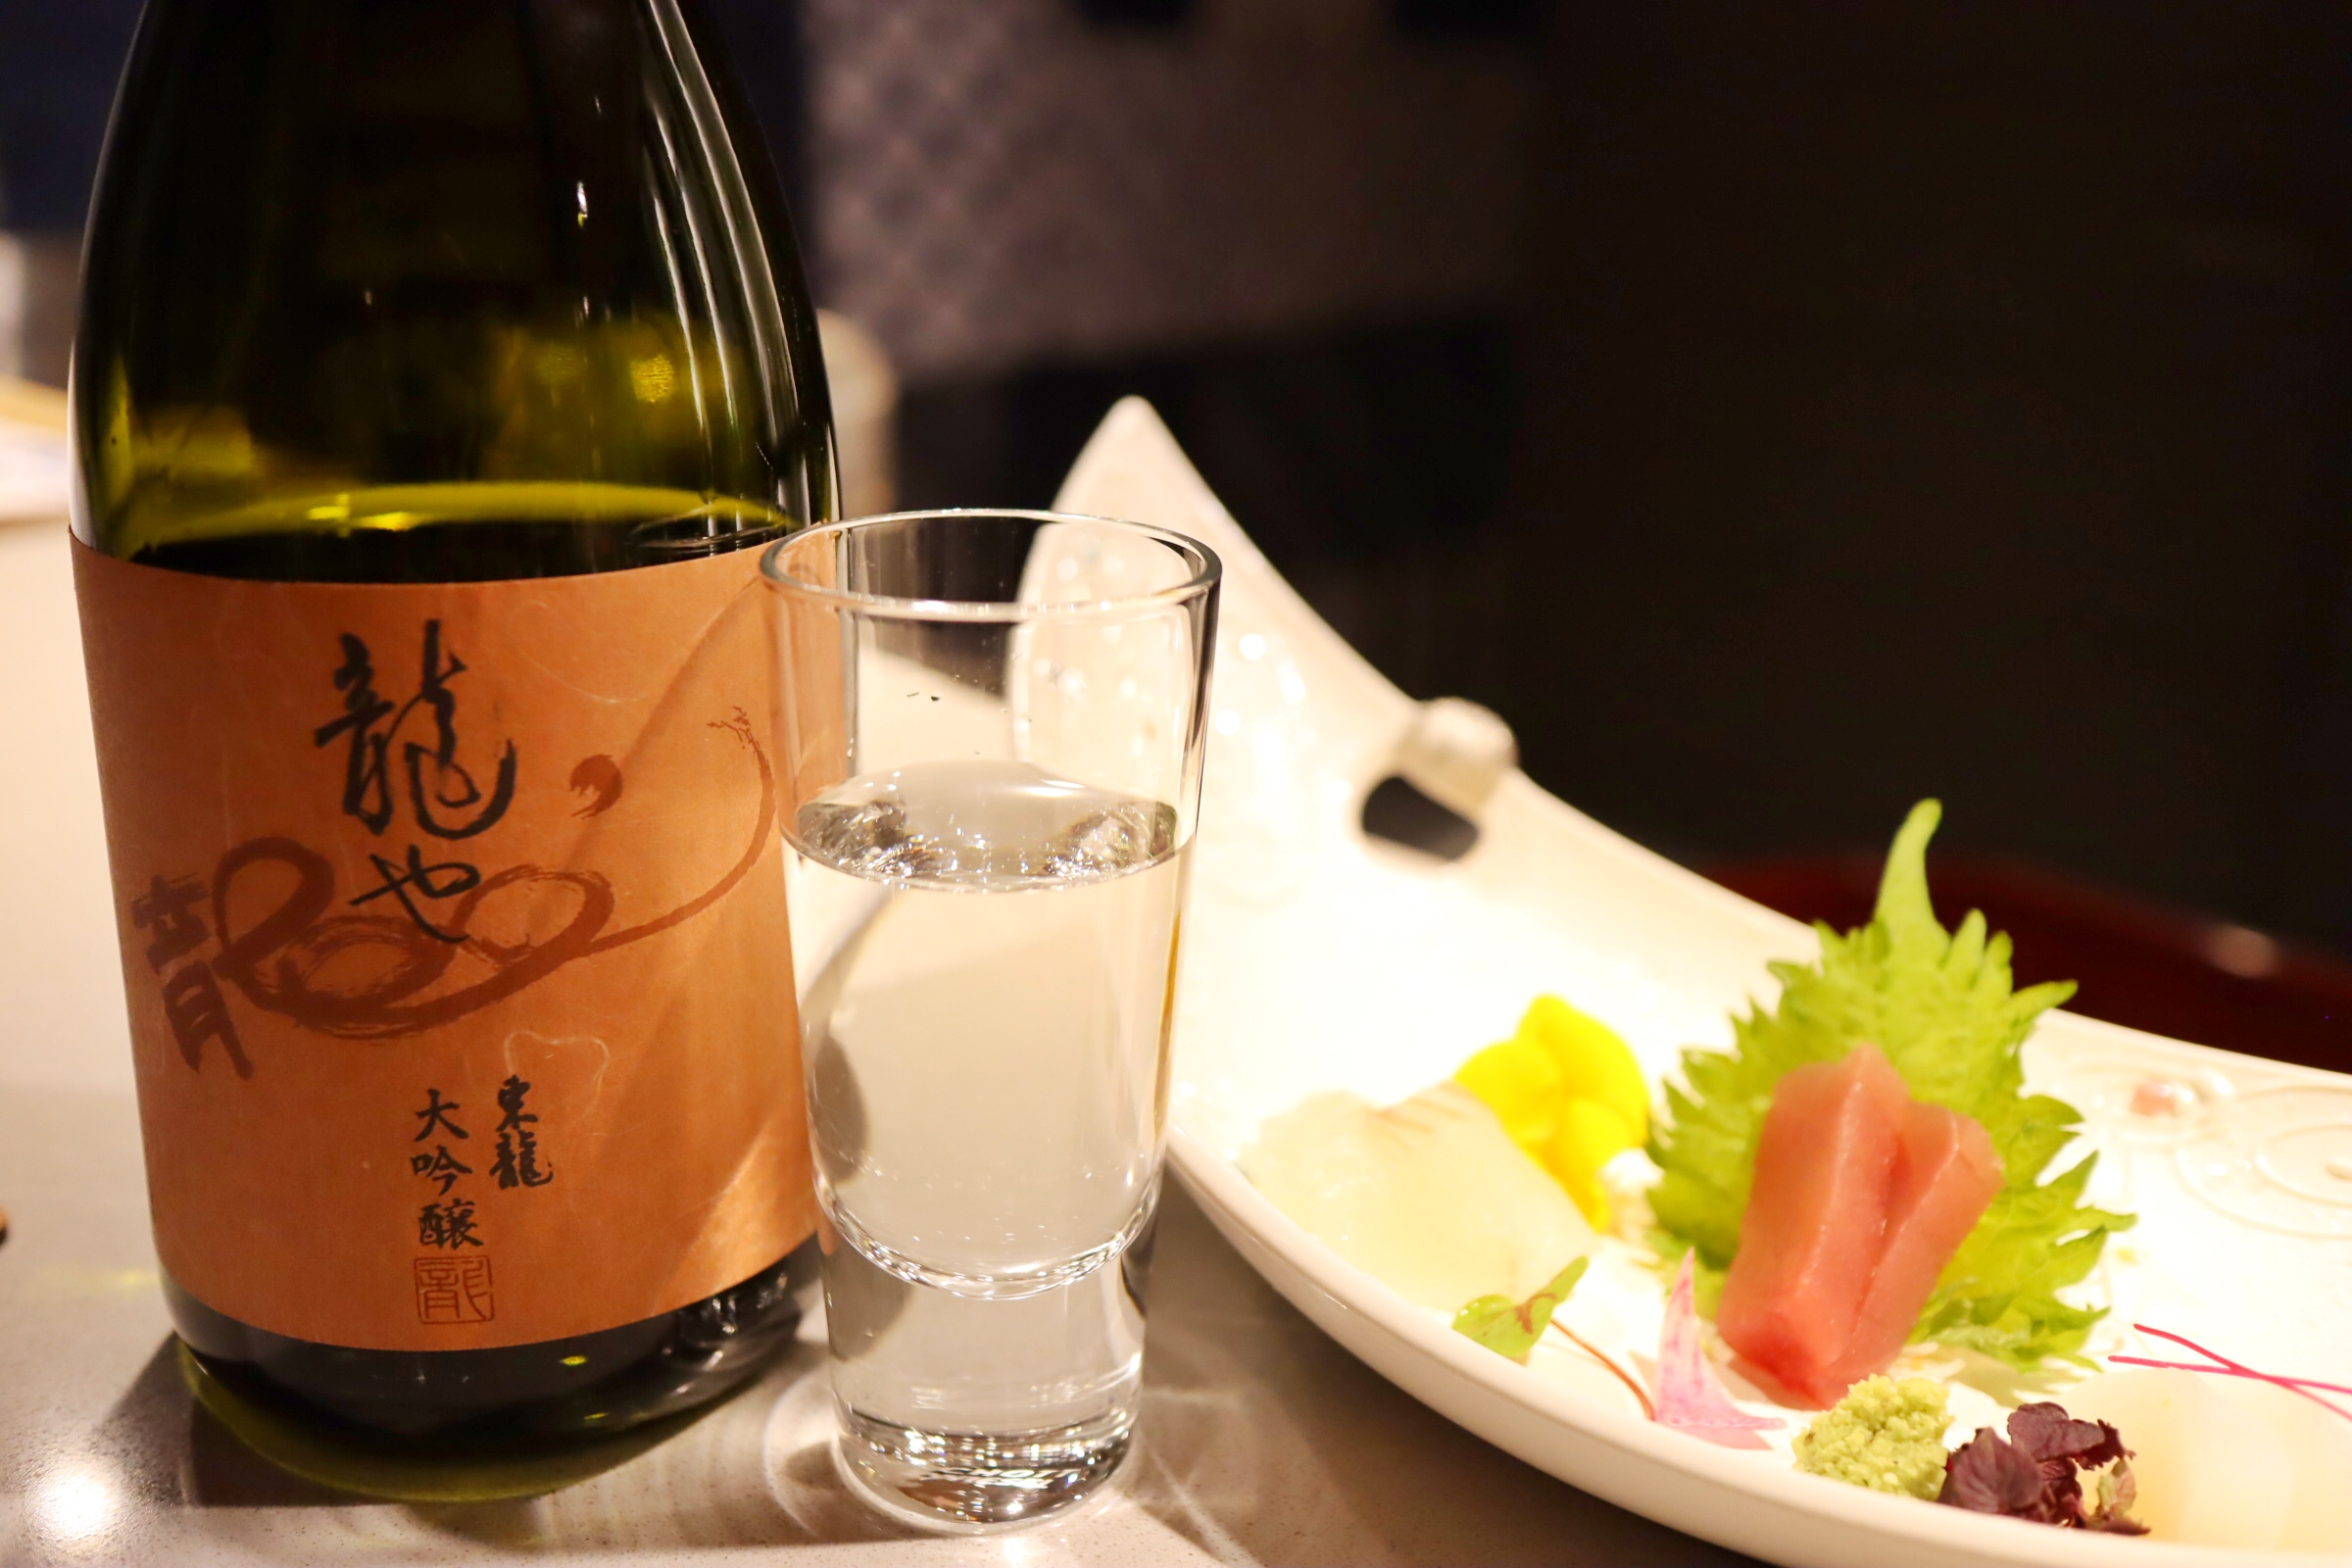 ヒルトン名古屋の日本料理「源氏」に酒バーがオープン!特選地酒と地元食材を使った創作和食とのペアリングを堪能できる - b0eeba269dac97fe4be374ae5c9ff394